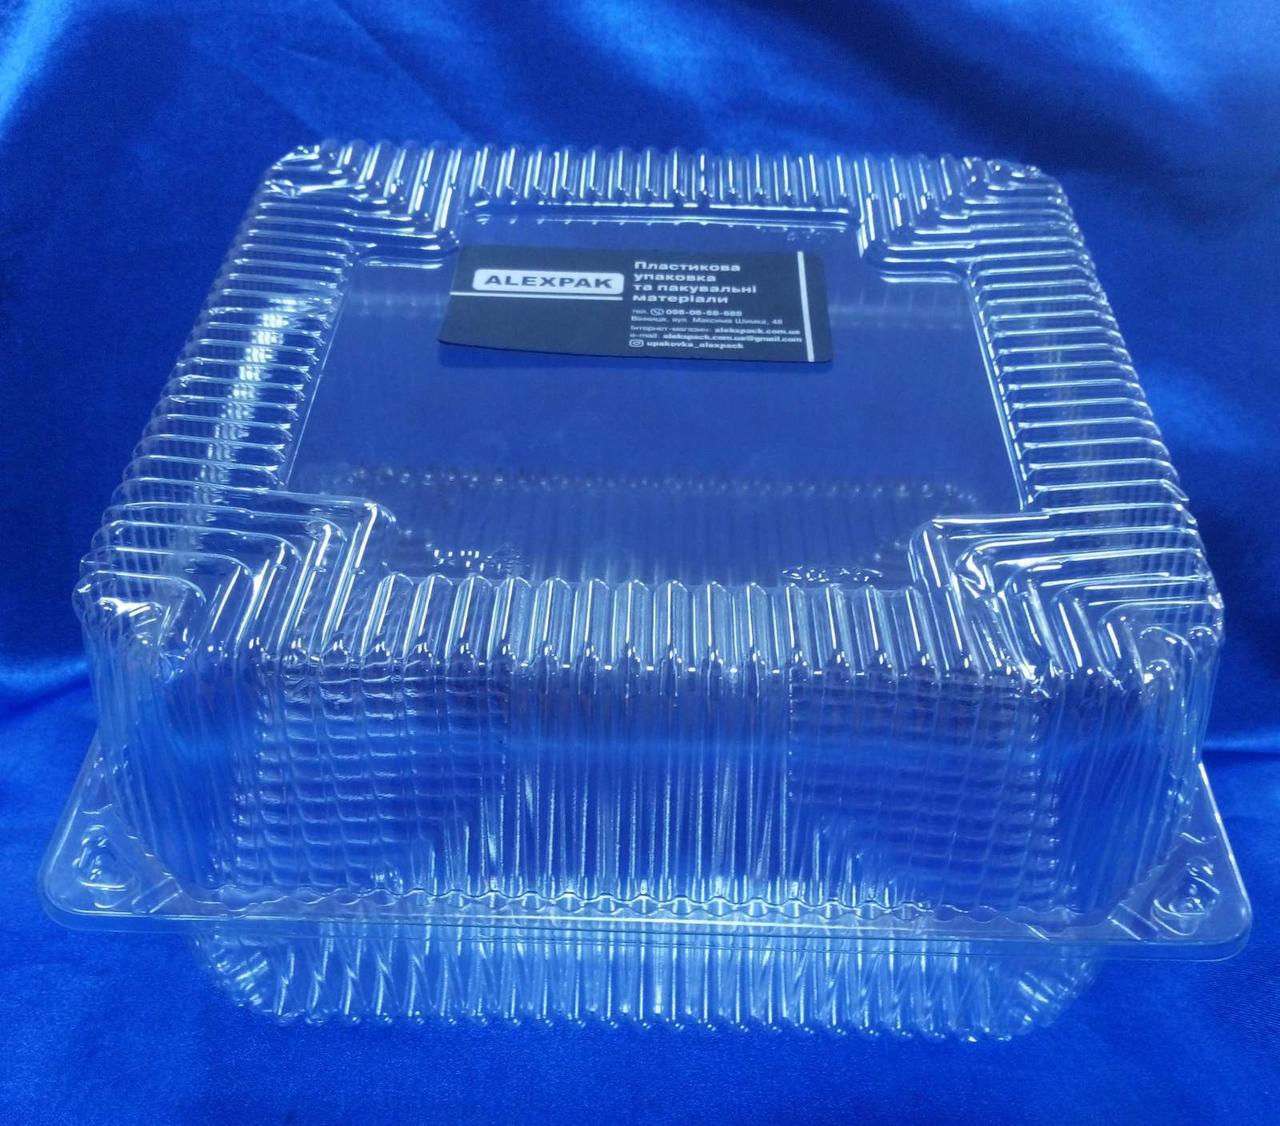 Блистер квадратный большой для тортов и других кондитерских изделий IT-480 (150 шт/ящ)ПЕТ